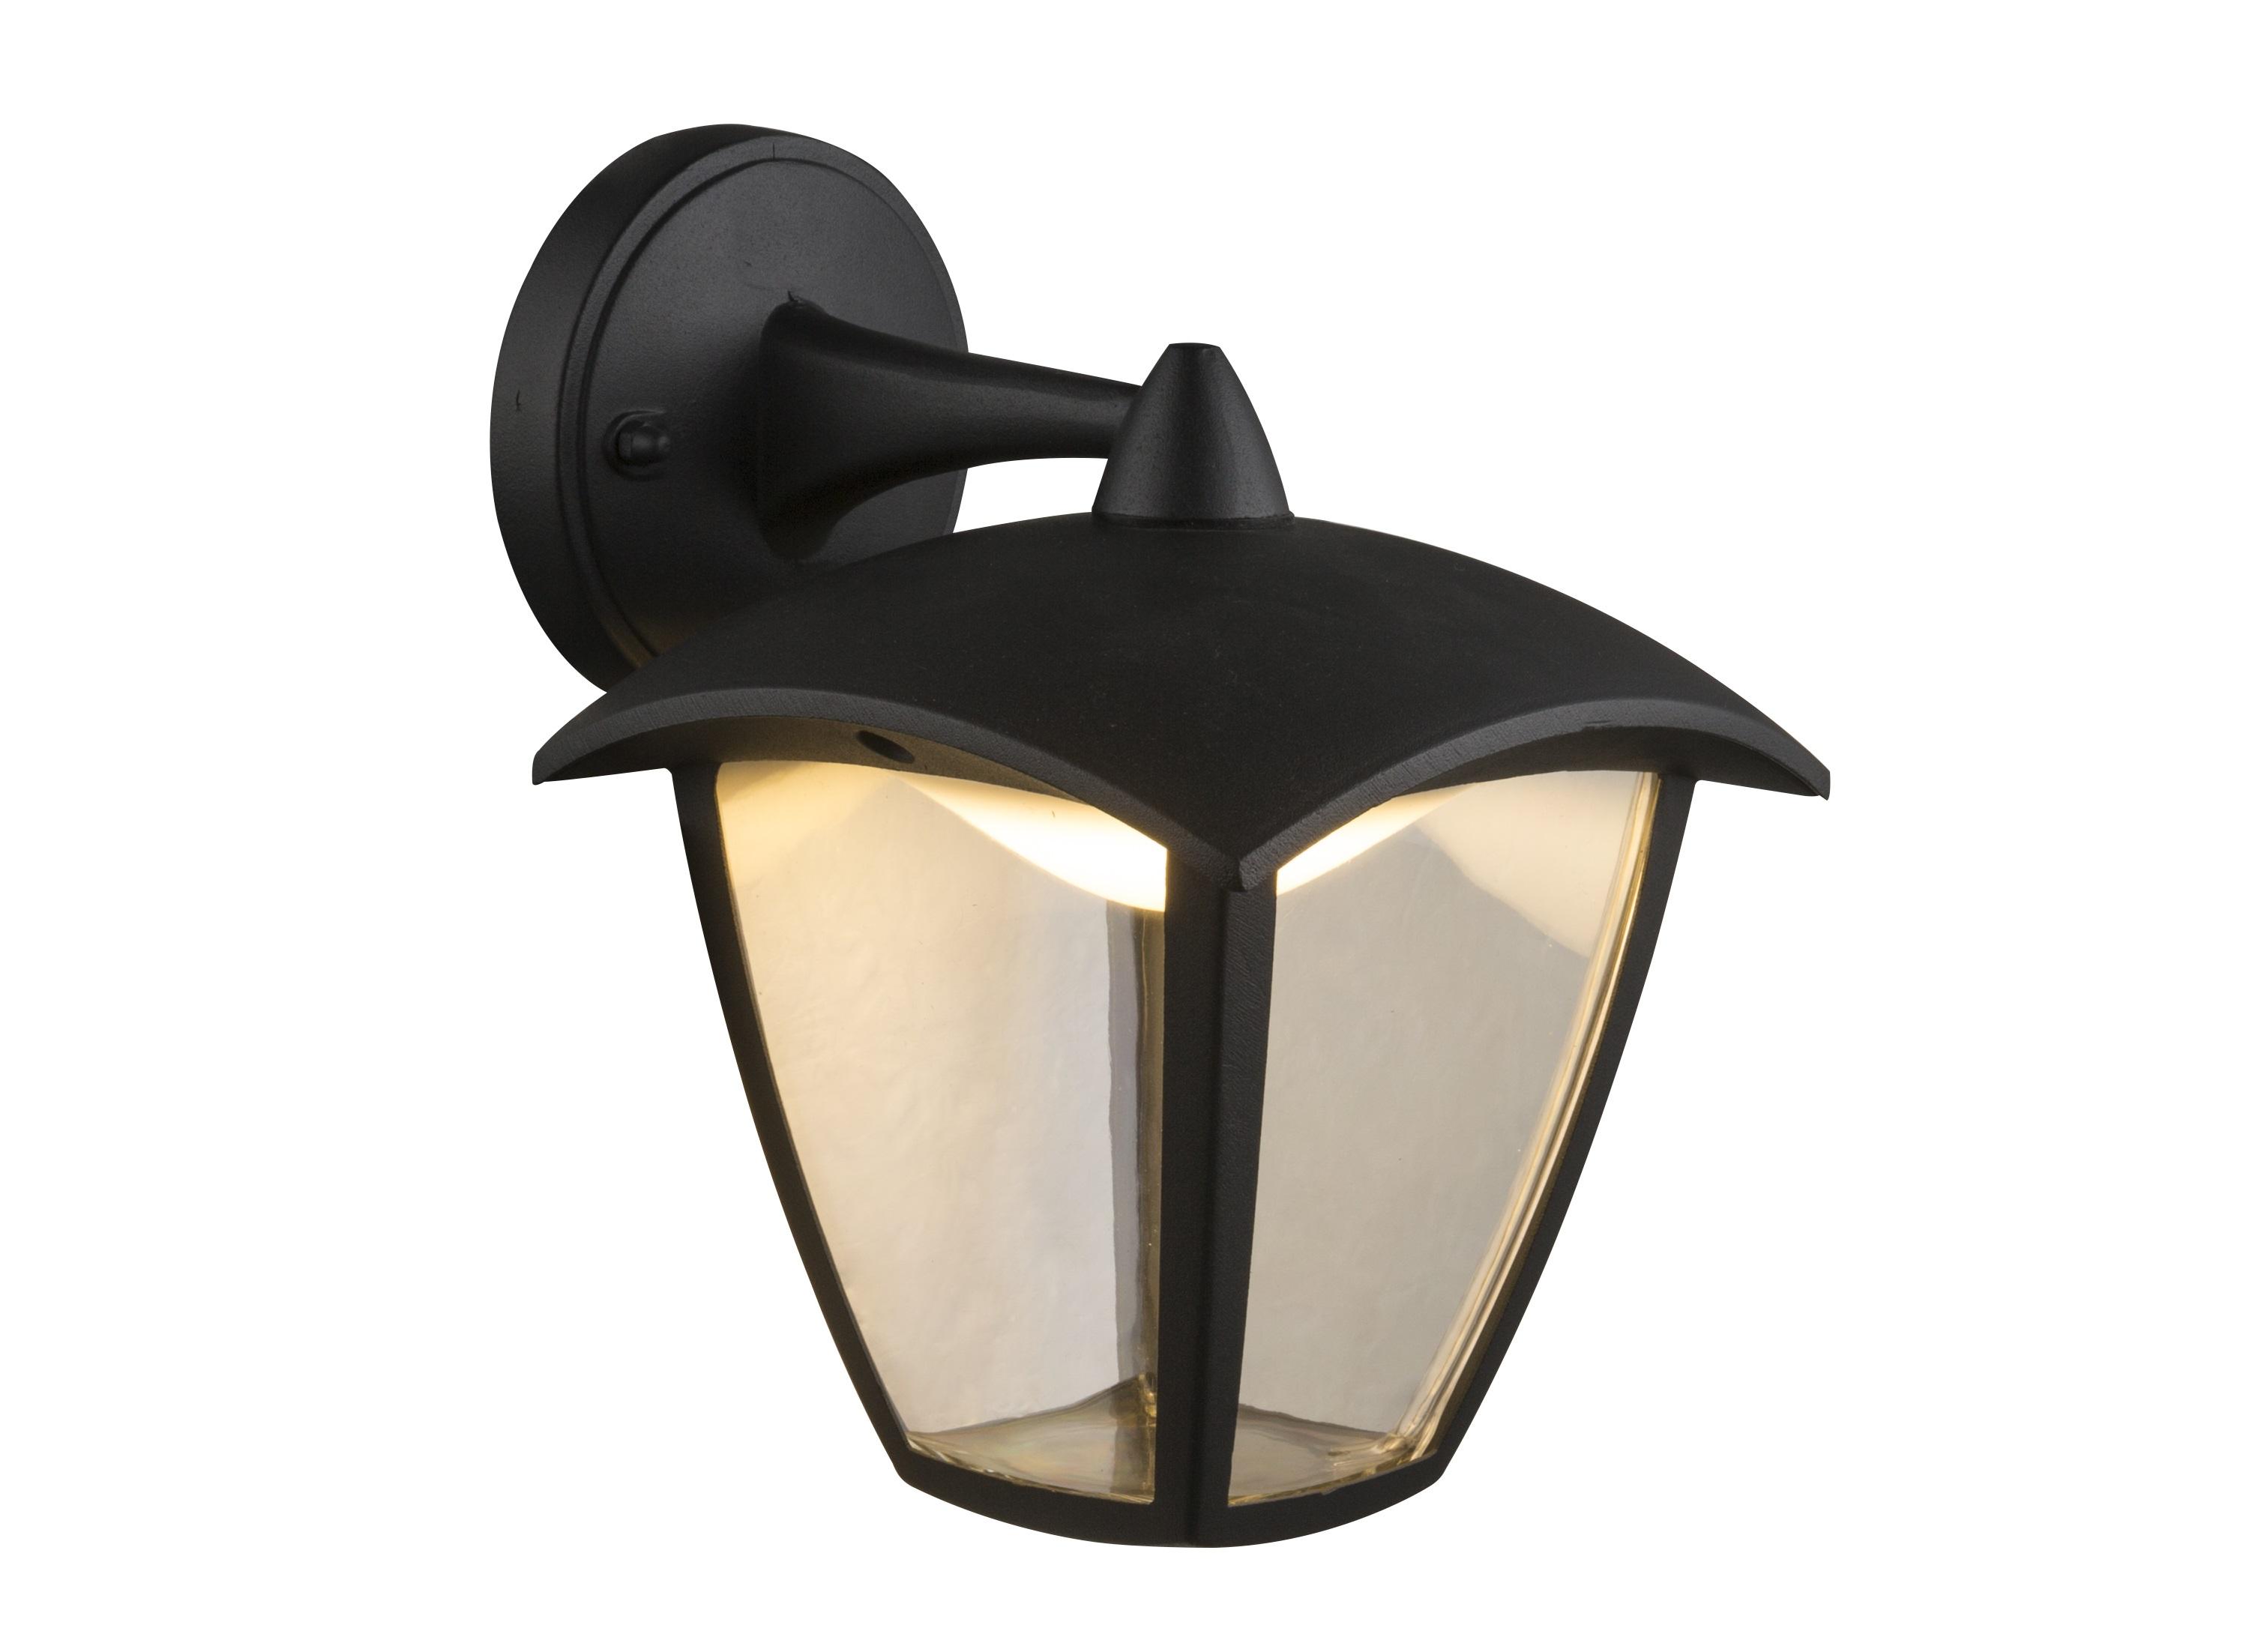 Светильник уличныйУличные настенные светильники<br>&amp;lt;div&amp;gt;Тип цоколя: LED&amp;lt;/div&amp;gt;&amp;lt;div&amp;gt;Мощность: 7W&amp;lt;/div&amp;gt;&amp;lt;div&amp;gt;Кол-во ламп: 1 (в комплекте)&amp;lt;/div&amp;gt;<br><br>Material: Металл<br>Ширина см: 19<br>Высота см: 23<br>Глубина см: 16